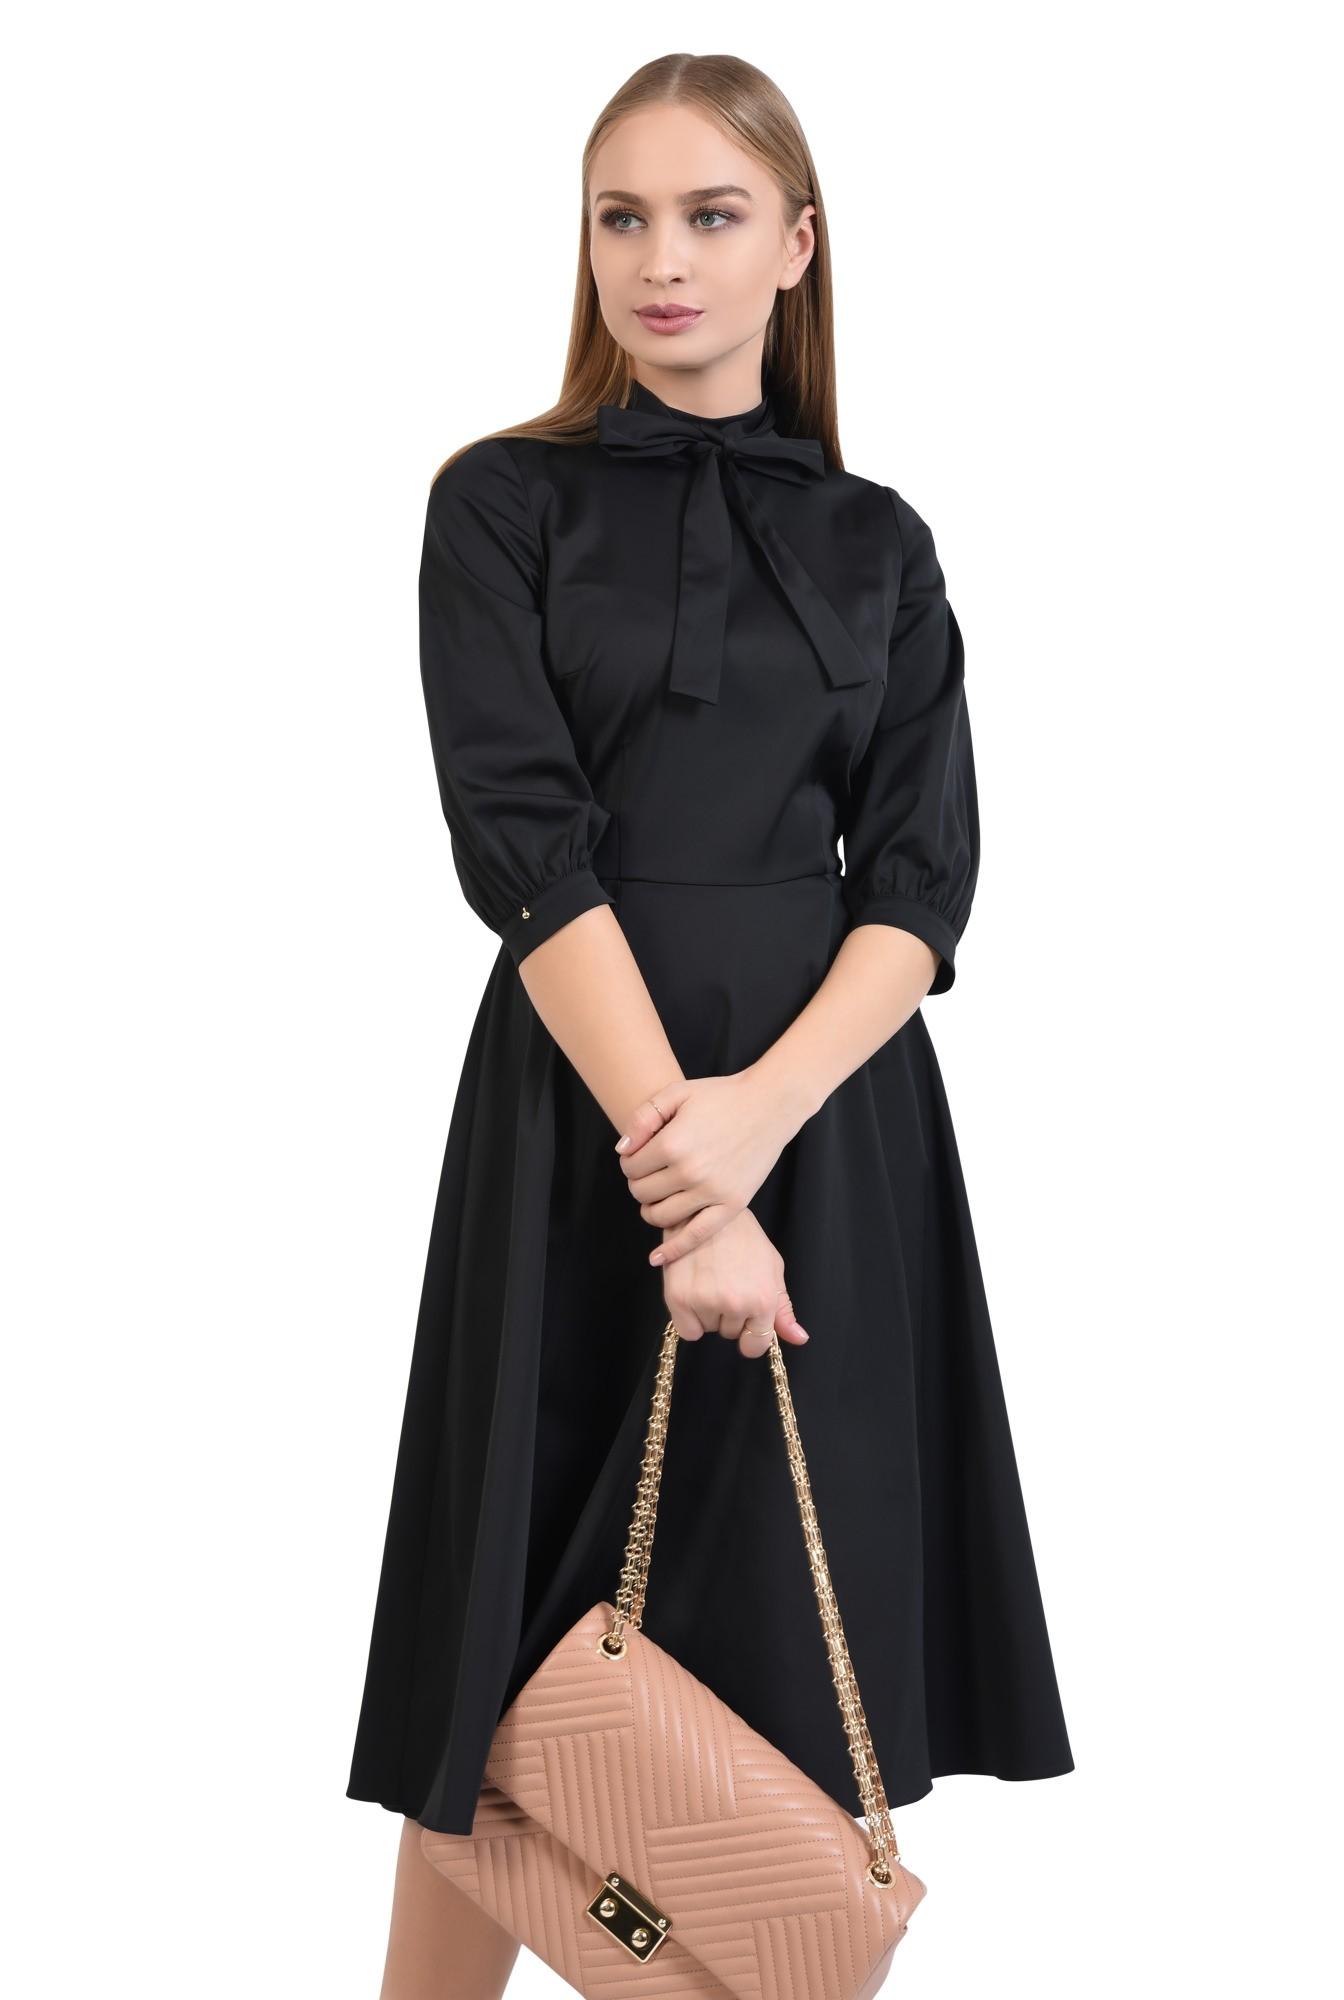 rochie neagra, clos, guler cu funda, cusatura in talie